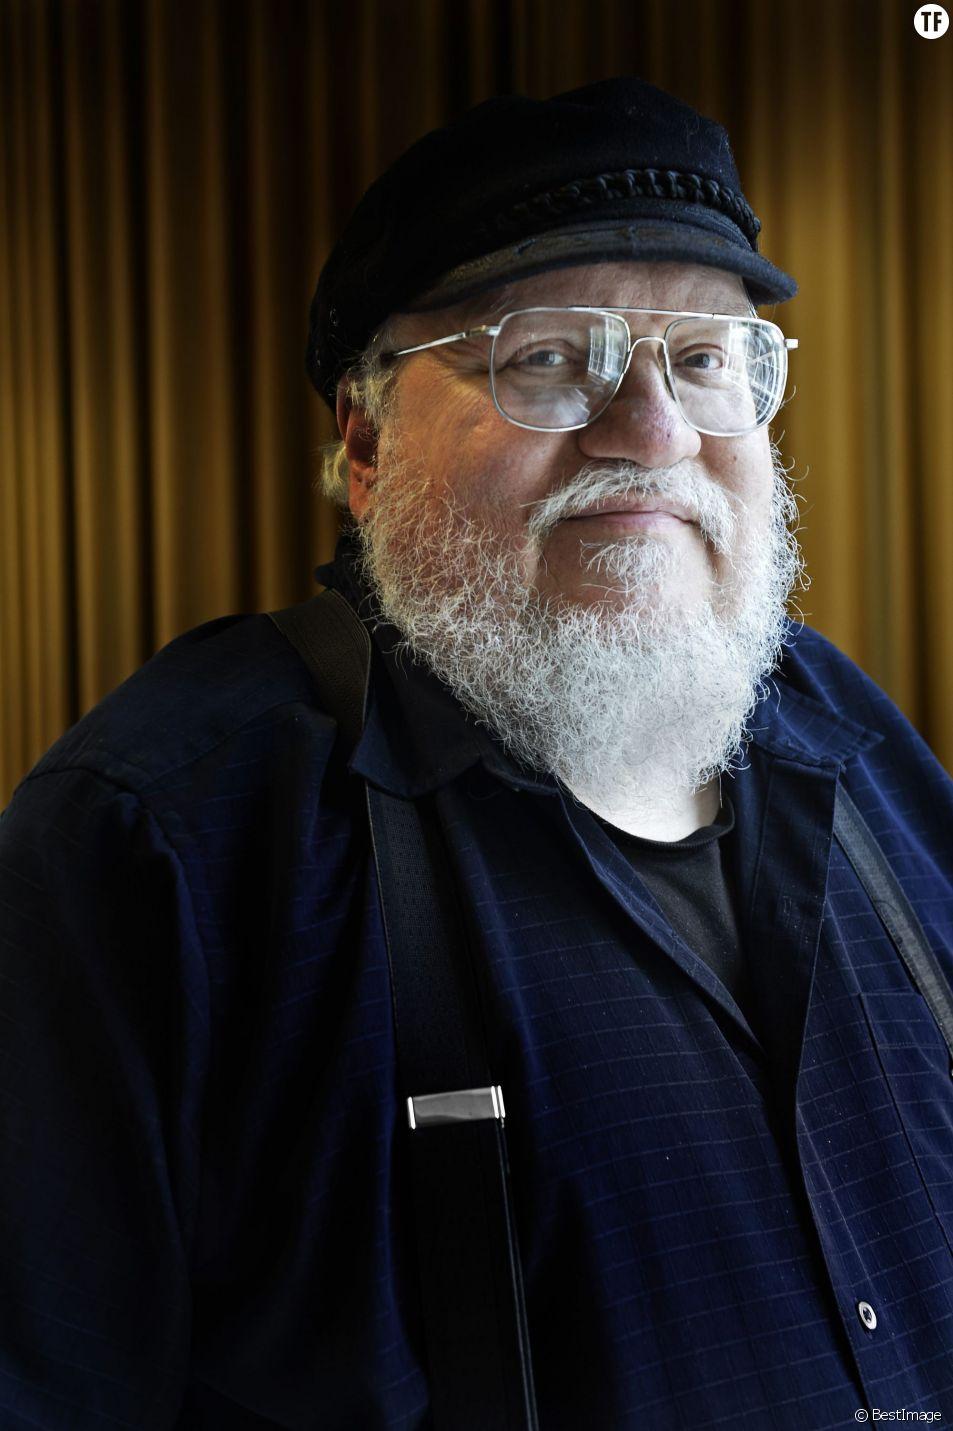 Rendez Vous avec George R. R. Martin, l'auteur de Game of Thrones le 23 juin 2015 à Stockholm.